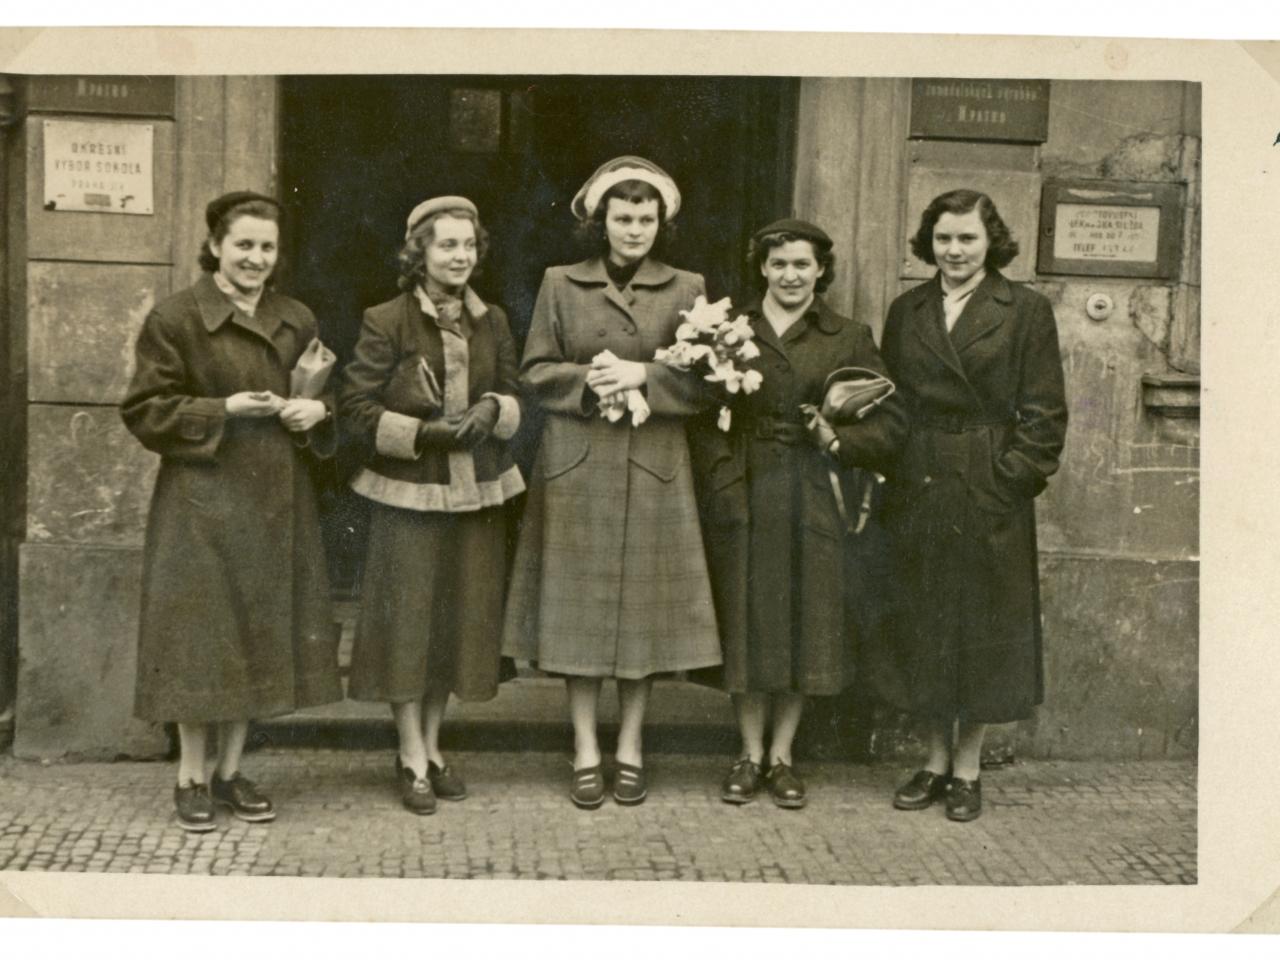 Archivfoto in schwarz-weiß mit Frauen